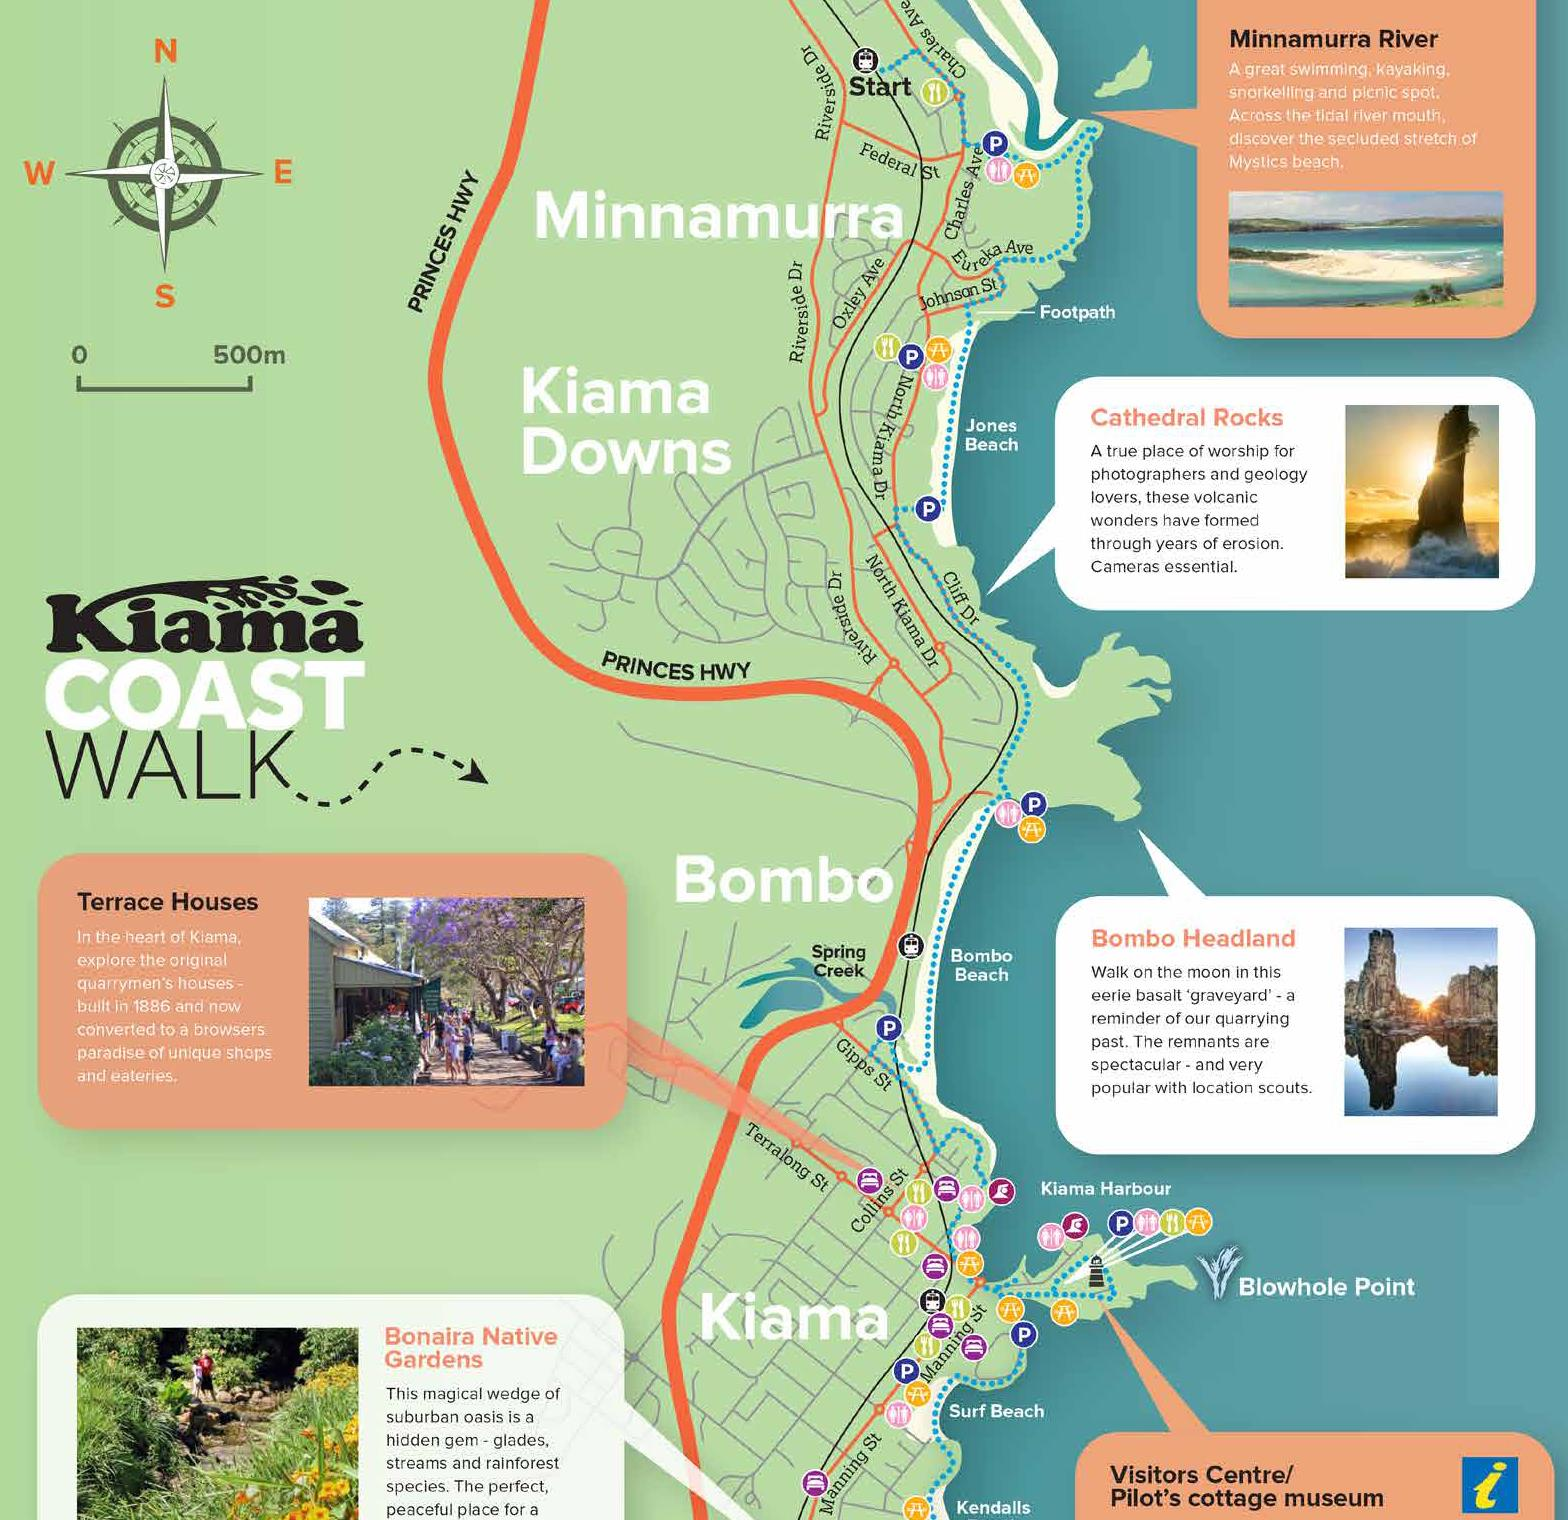 Day 1 Map - Kiama Coast Walk